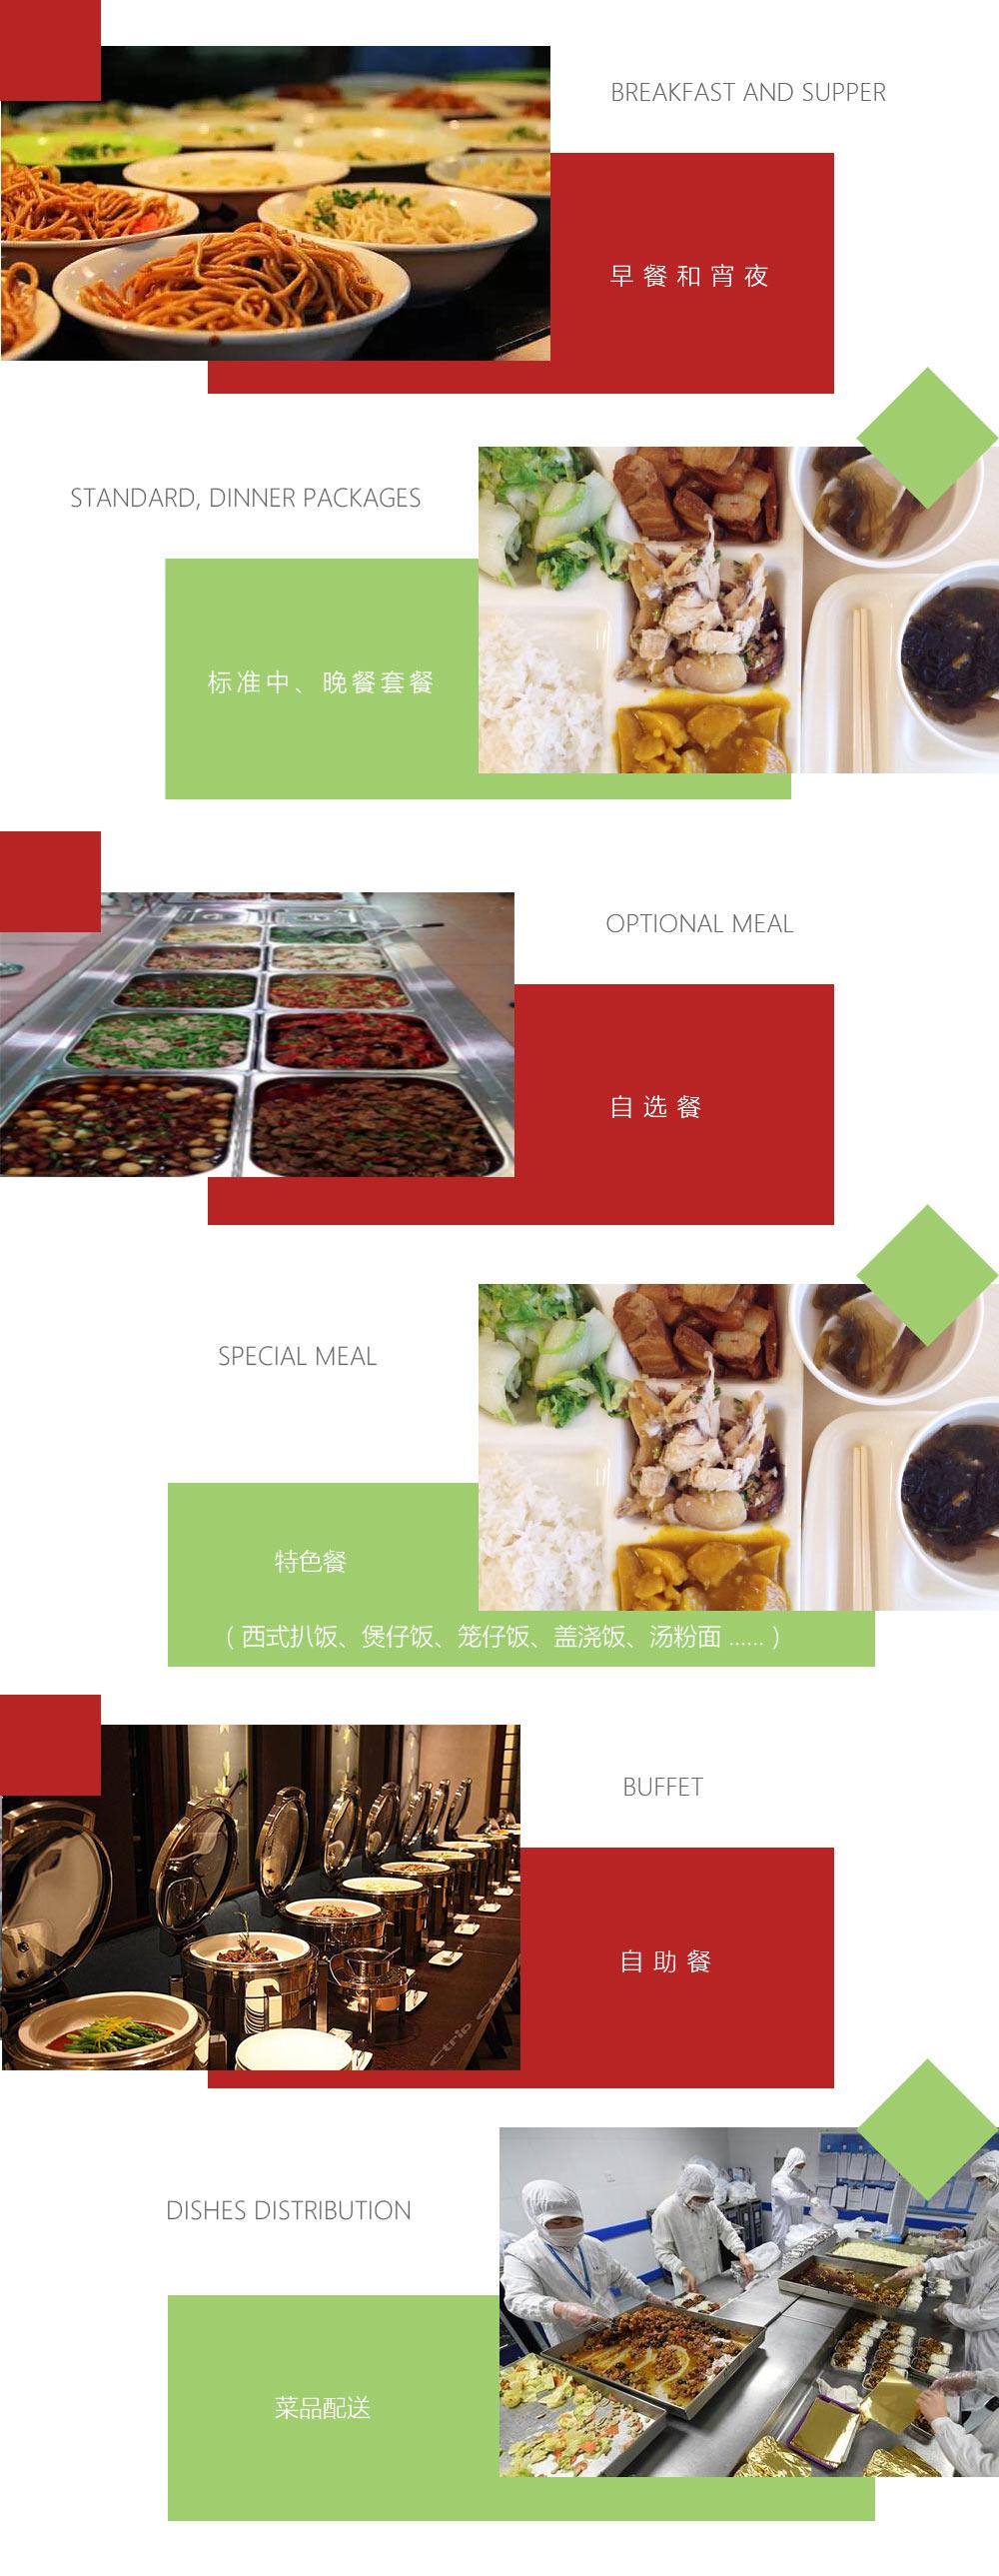 鼎龙给客户供餐模式